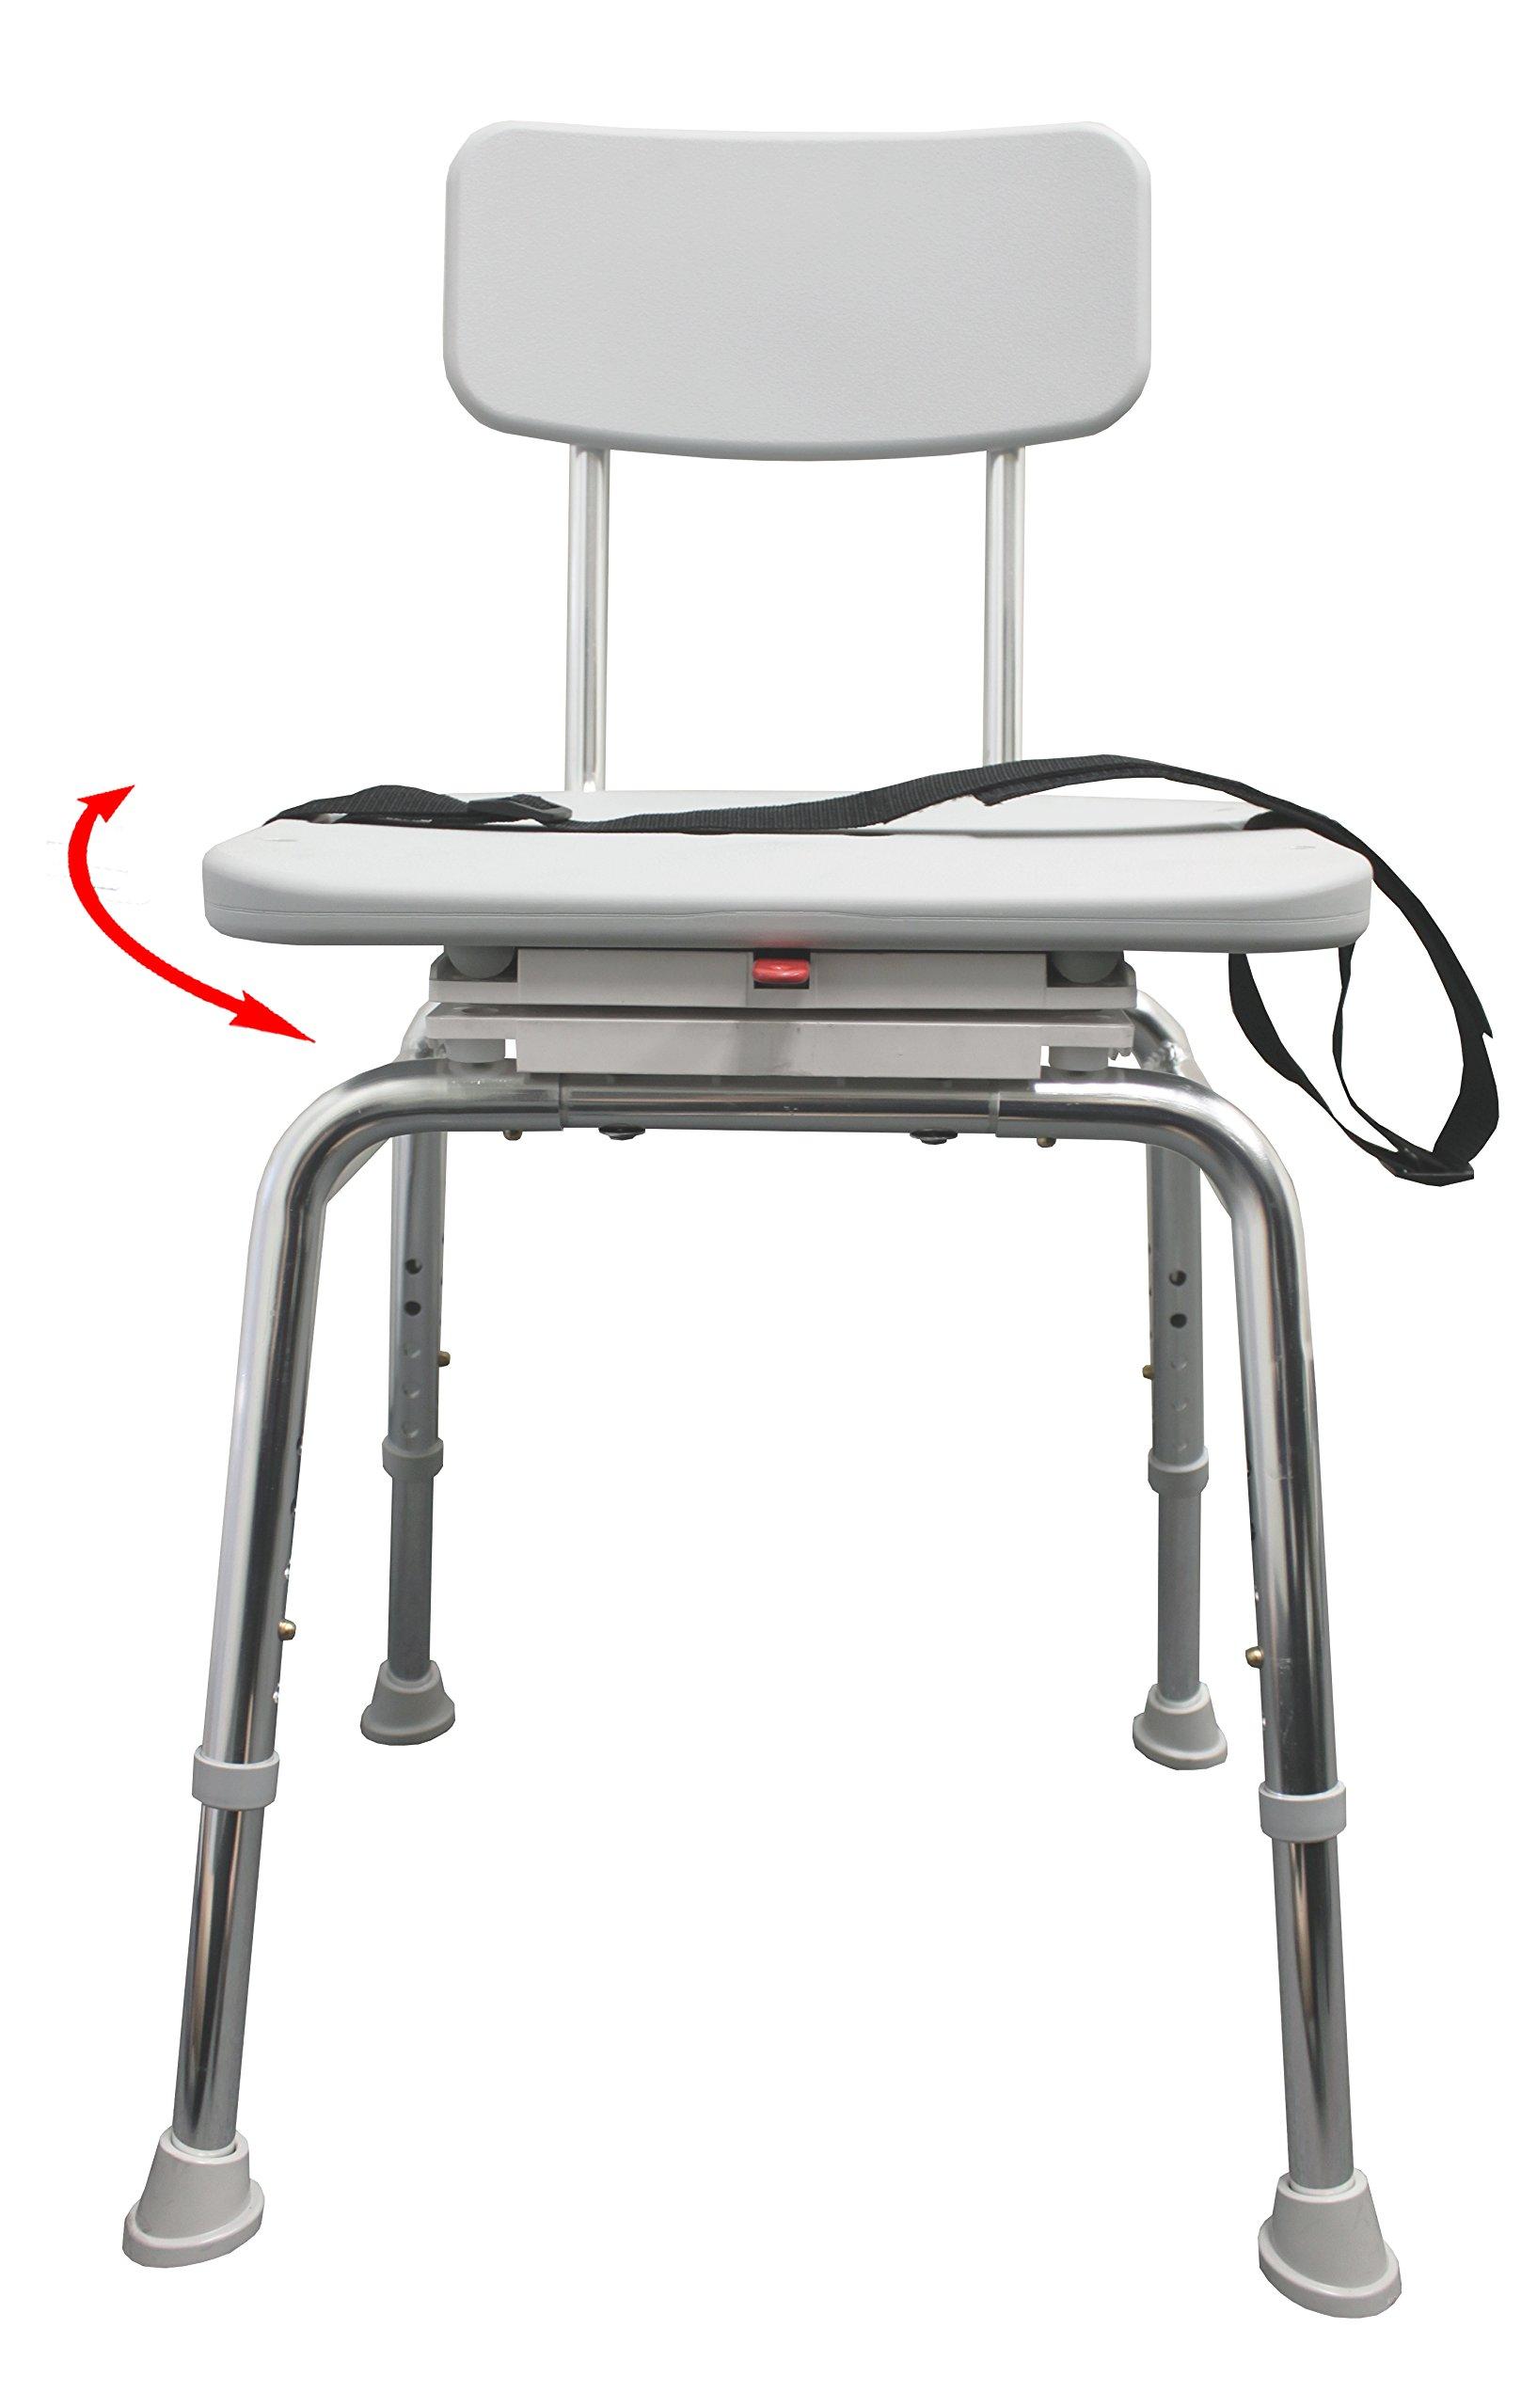 Swivel Shower Chair (75232) - Heavy-Duty Shower Bathtub Chair - Eagle Health Supplies